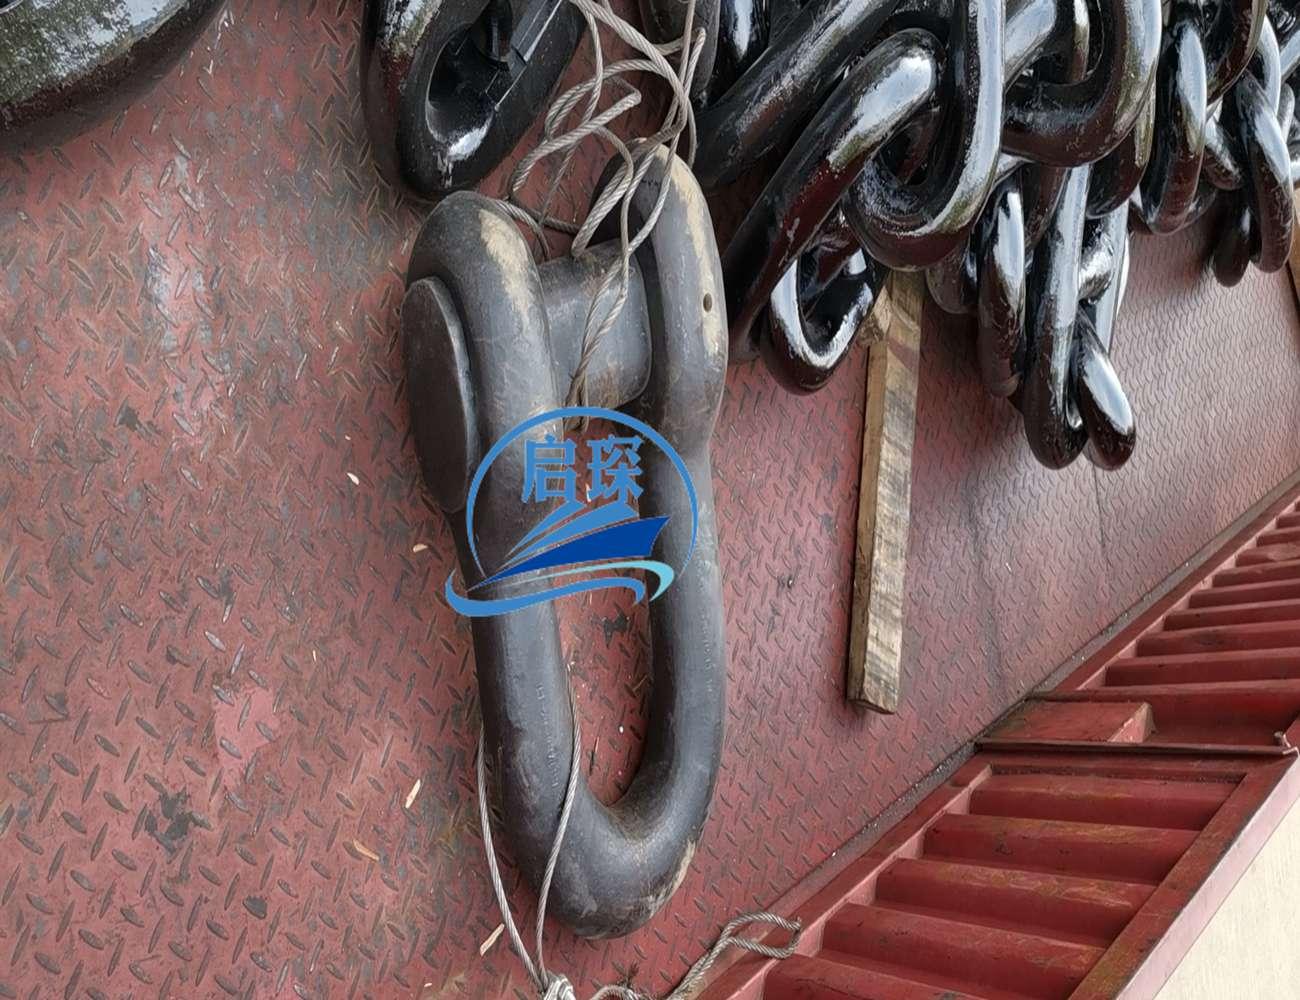 锚链附件肯特卸扣末端卸扣连接卸扣转环卸扣浮筒卸扣/锚卸扣